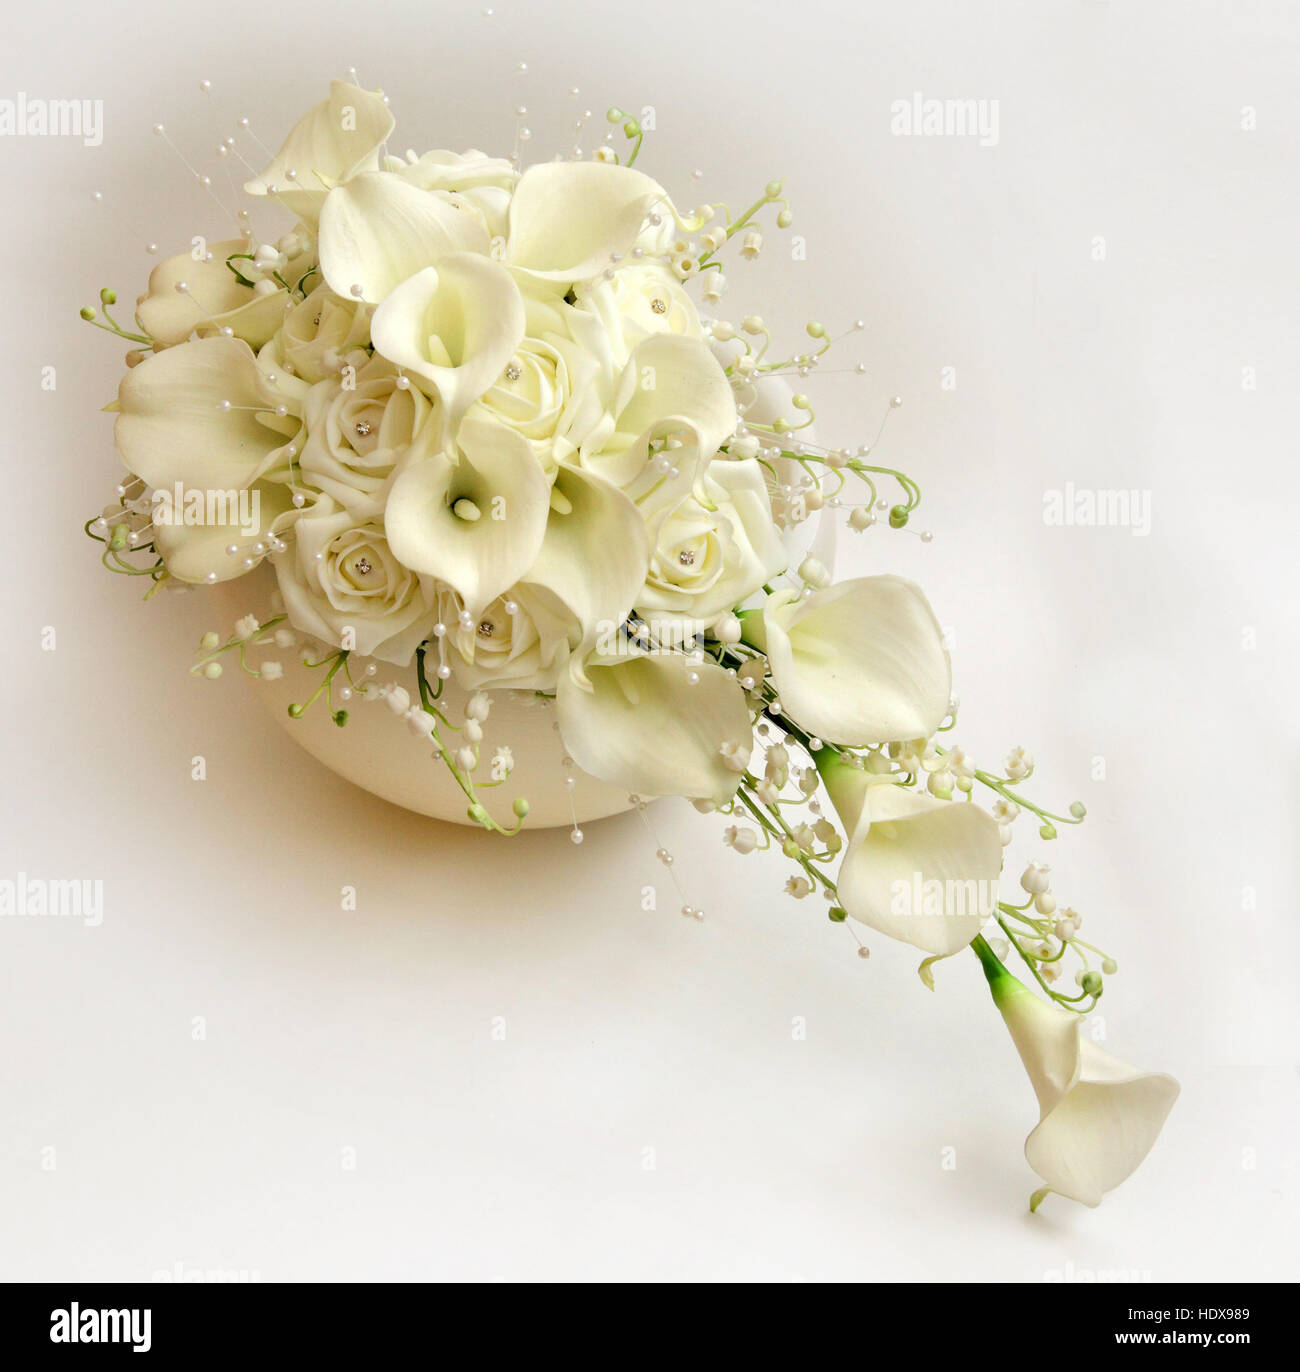 Brautstrauss Aus Rosen Lilien Und Maiglockchen In Weiss Und Creme